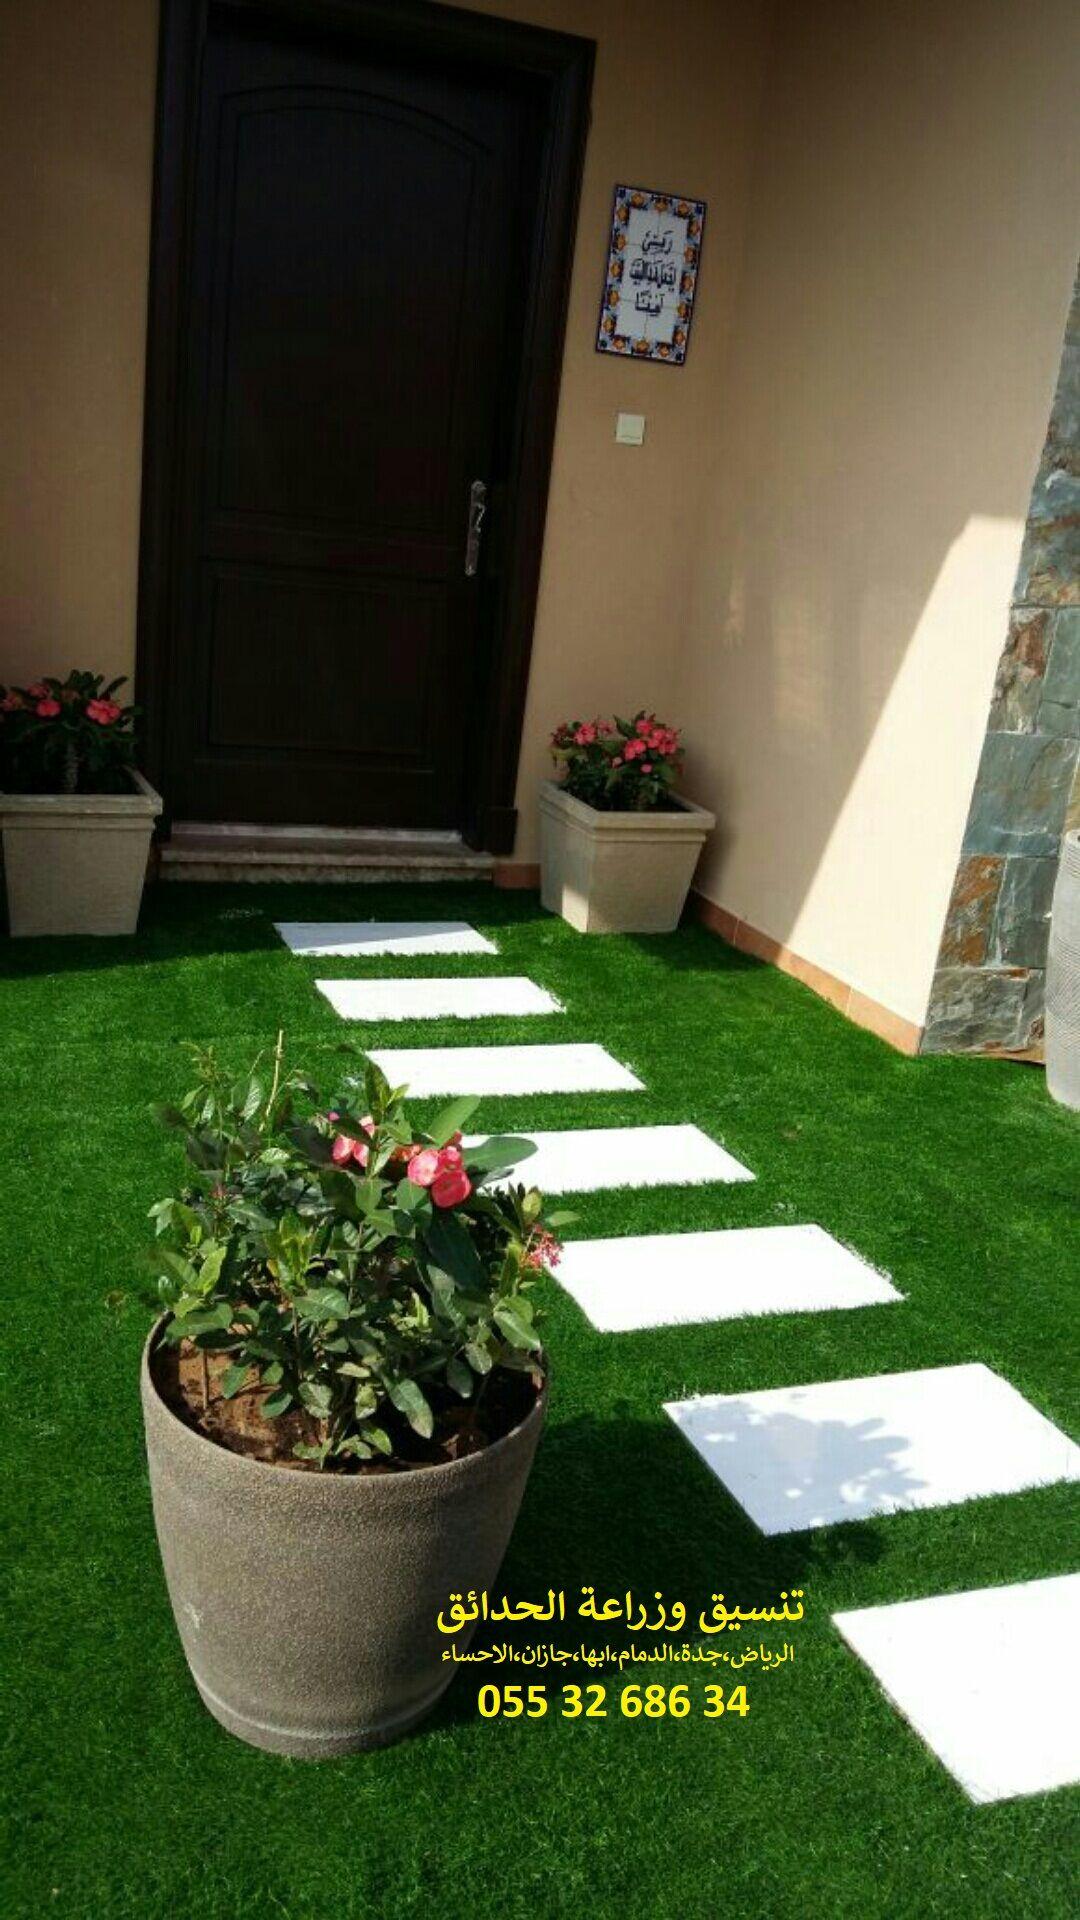 تصميم حدائق داخليه تصميم حدائق دائرية تصميم حدائق رائعه تصميم حدائق روعه تصميم حدائق رياض الاطفال تصميم حدائق زر Small Backyard Patio Home Decor Small Backyard